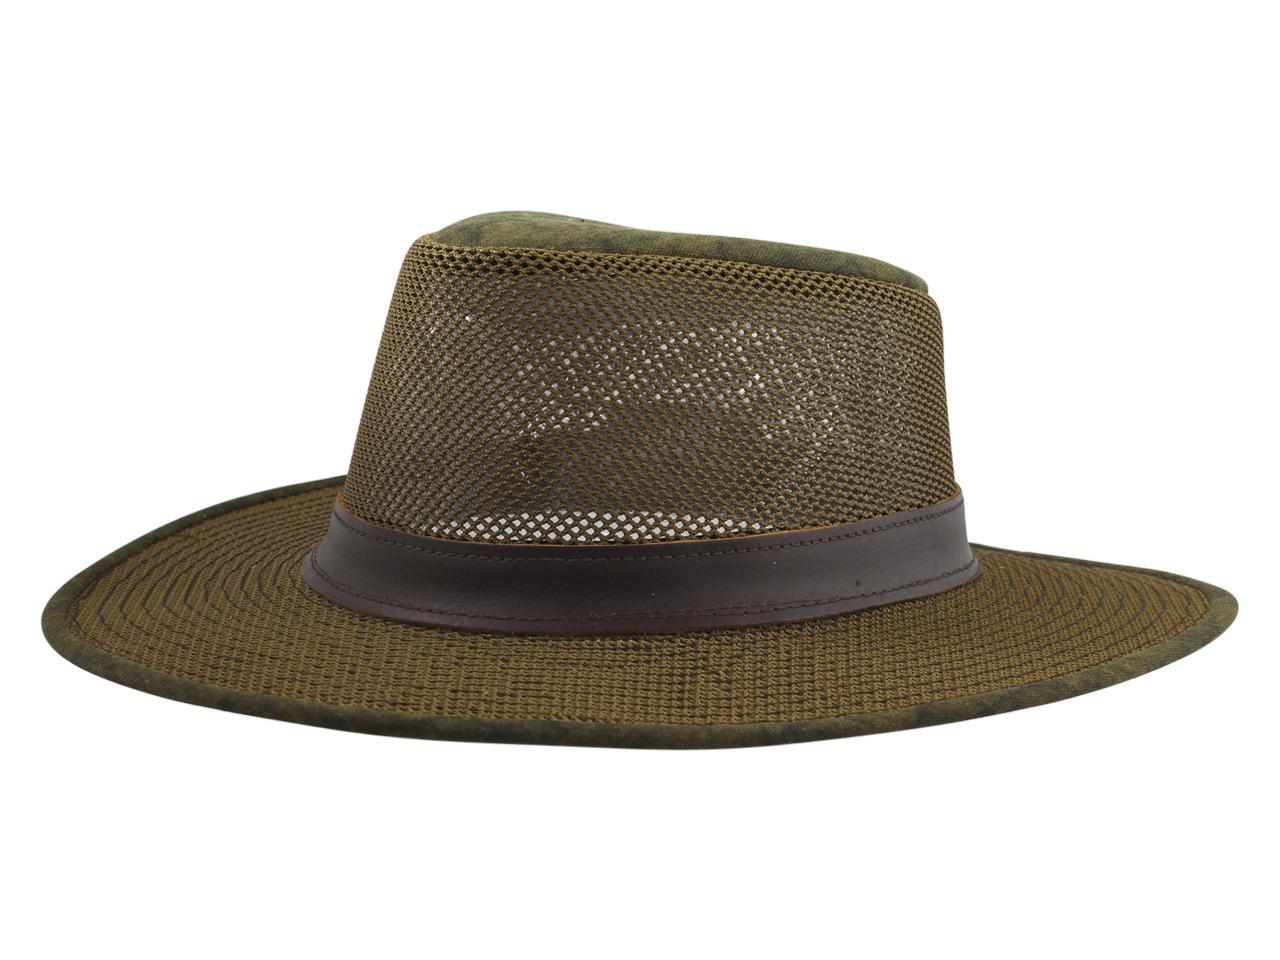 Image of Henschel Men's Adventurer Mesh Breezer Safari Hat - Distressed Gold - Medium